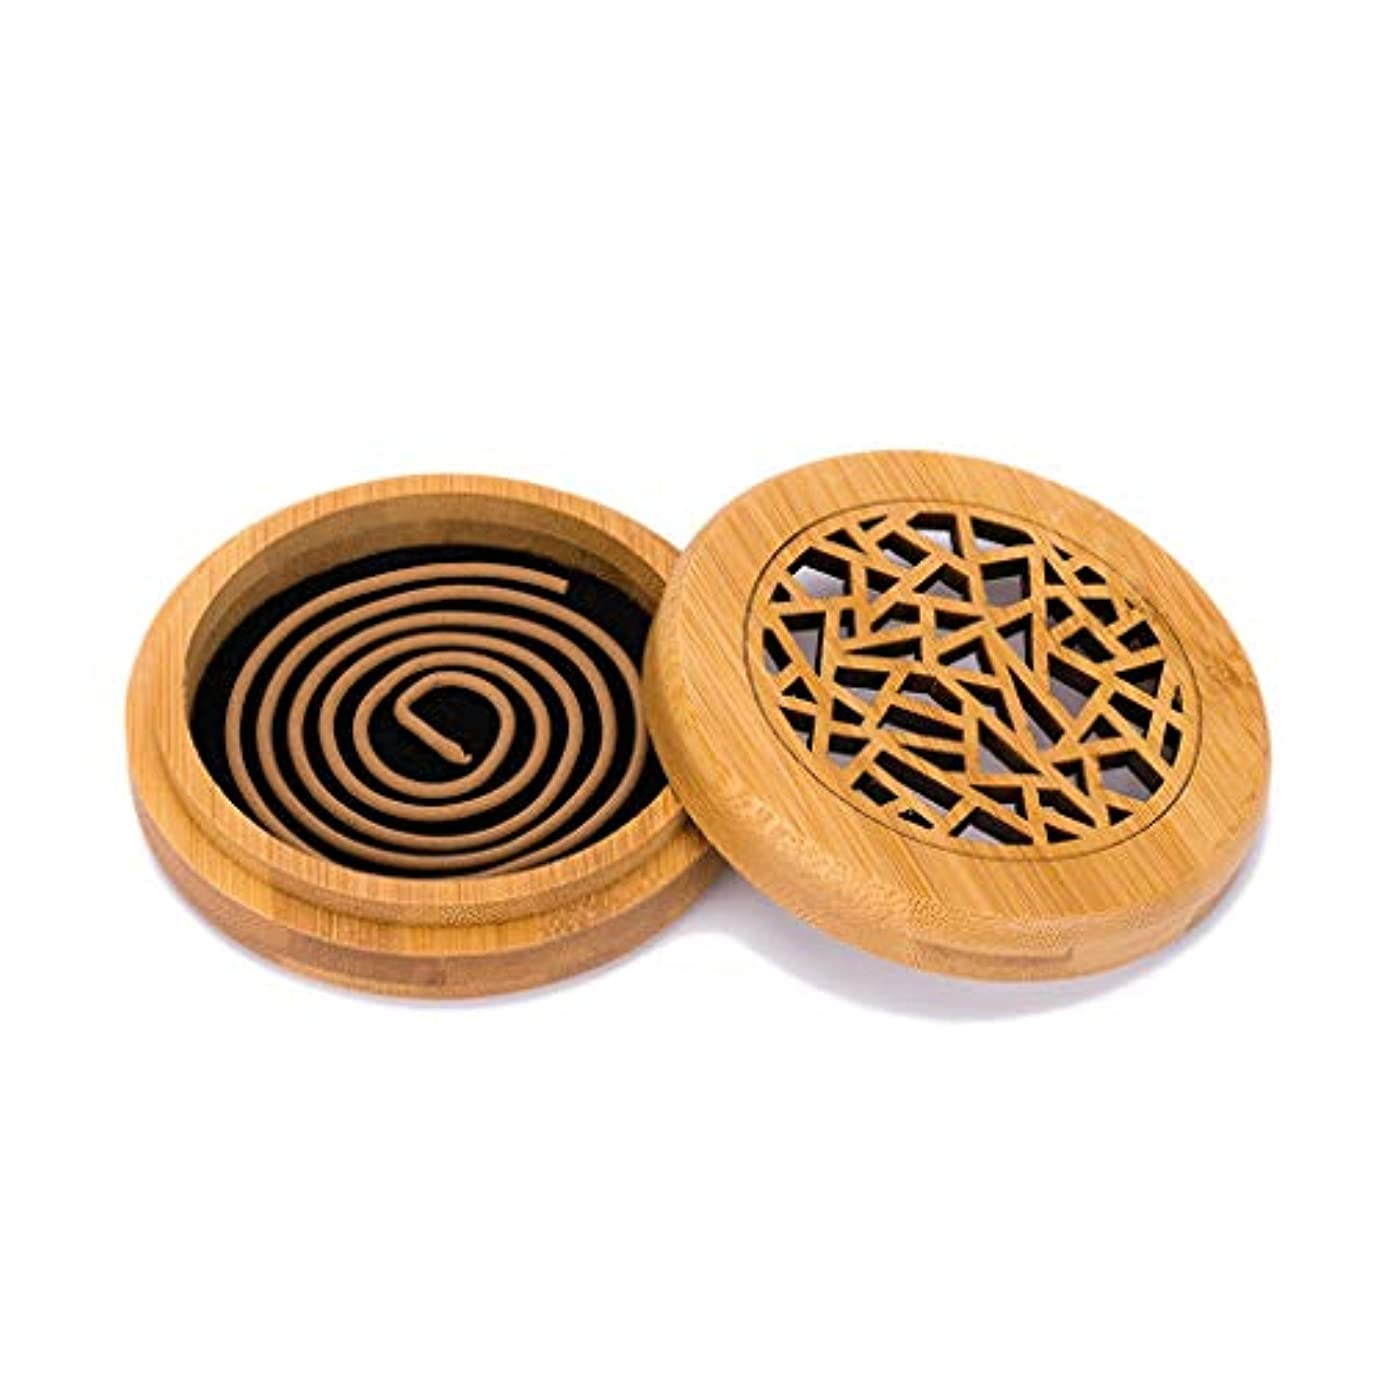 強い貝殻行列木製香炉コイル香スティックコーンバーナーホルダー部屋の装飾瞑想竹アッシュキャッチャー香ホルダー (Color : Wood, サイズ : Round)